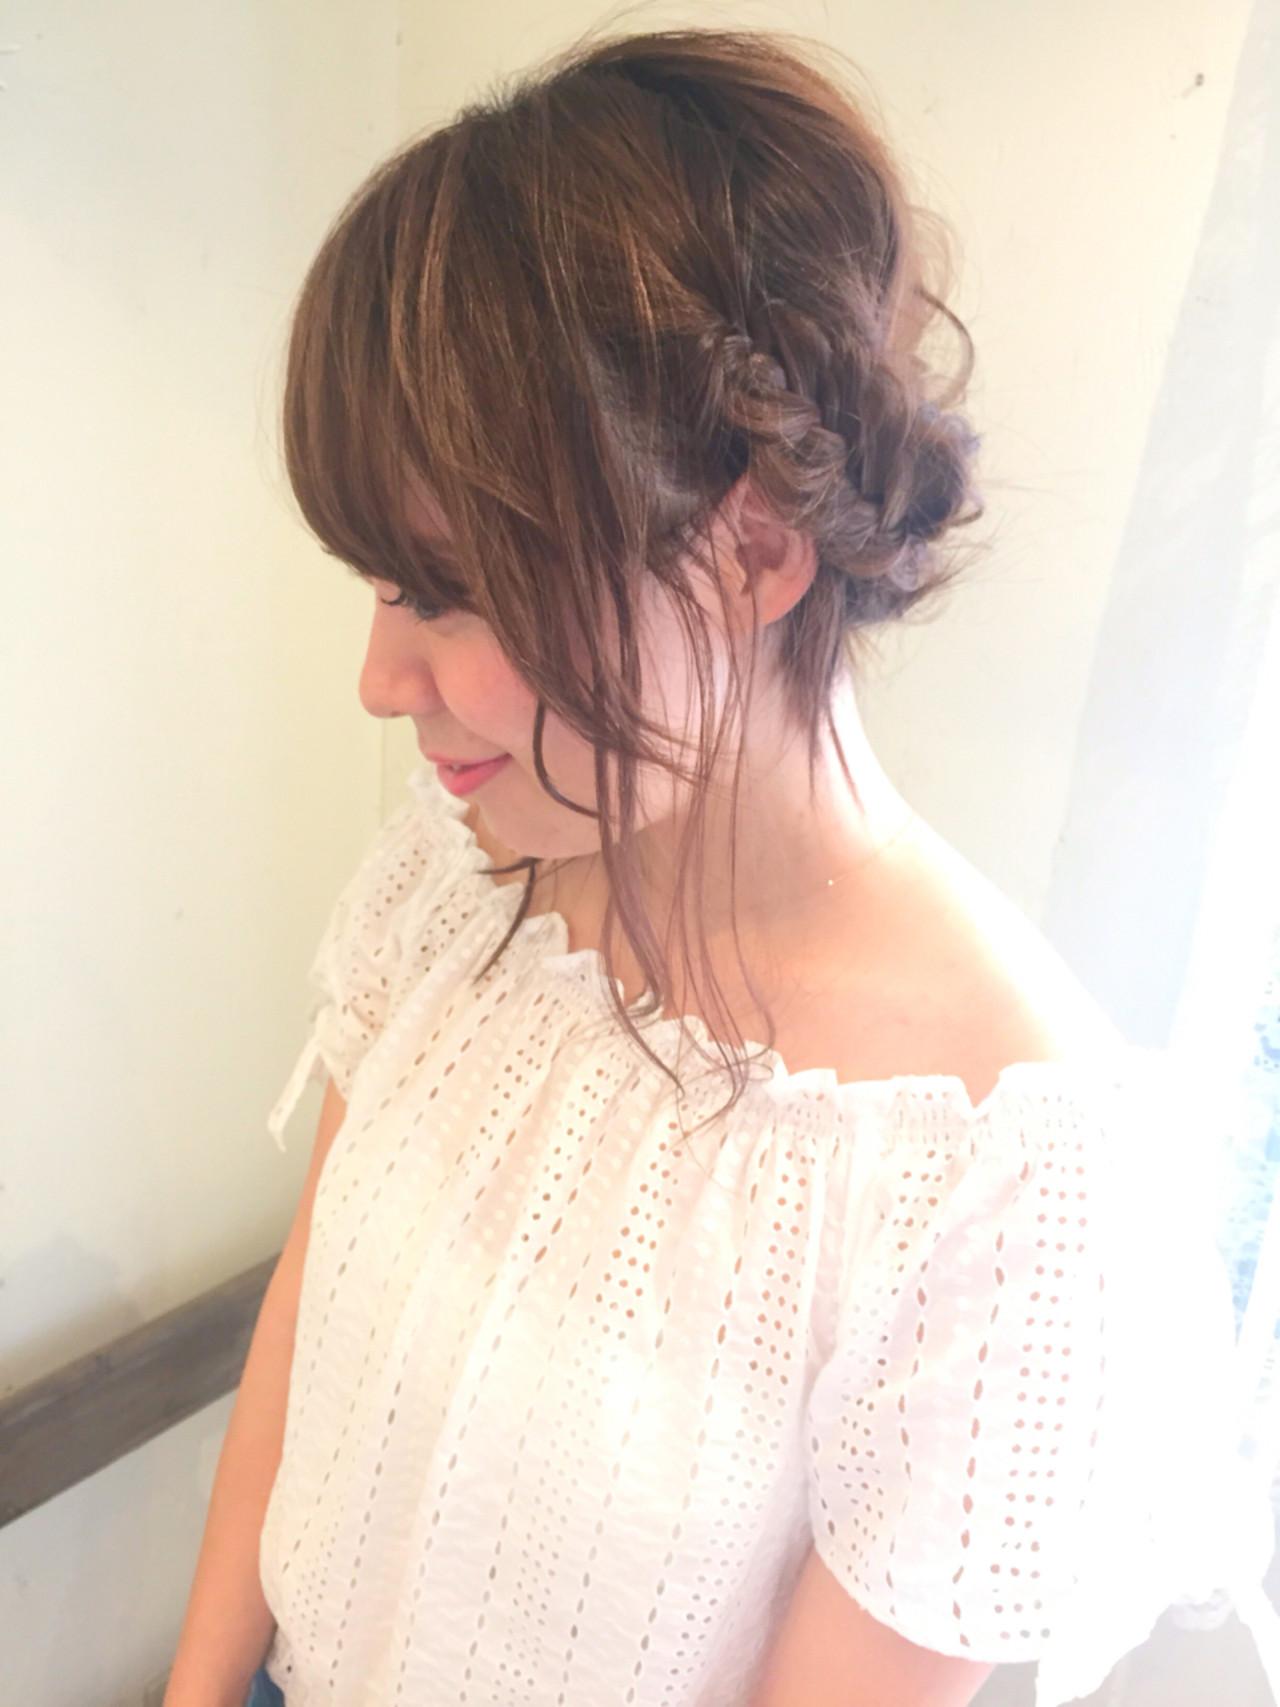 ヘアアレンジ ミディアム ヘアピン フェミニン ヘアスタイルや髪型の写真・画像 | 黒田 卓磨/musashi / souvenir(スーベニール)